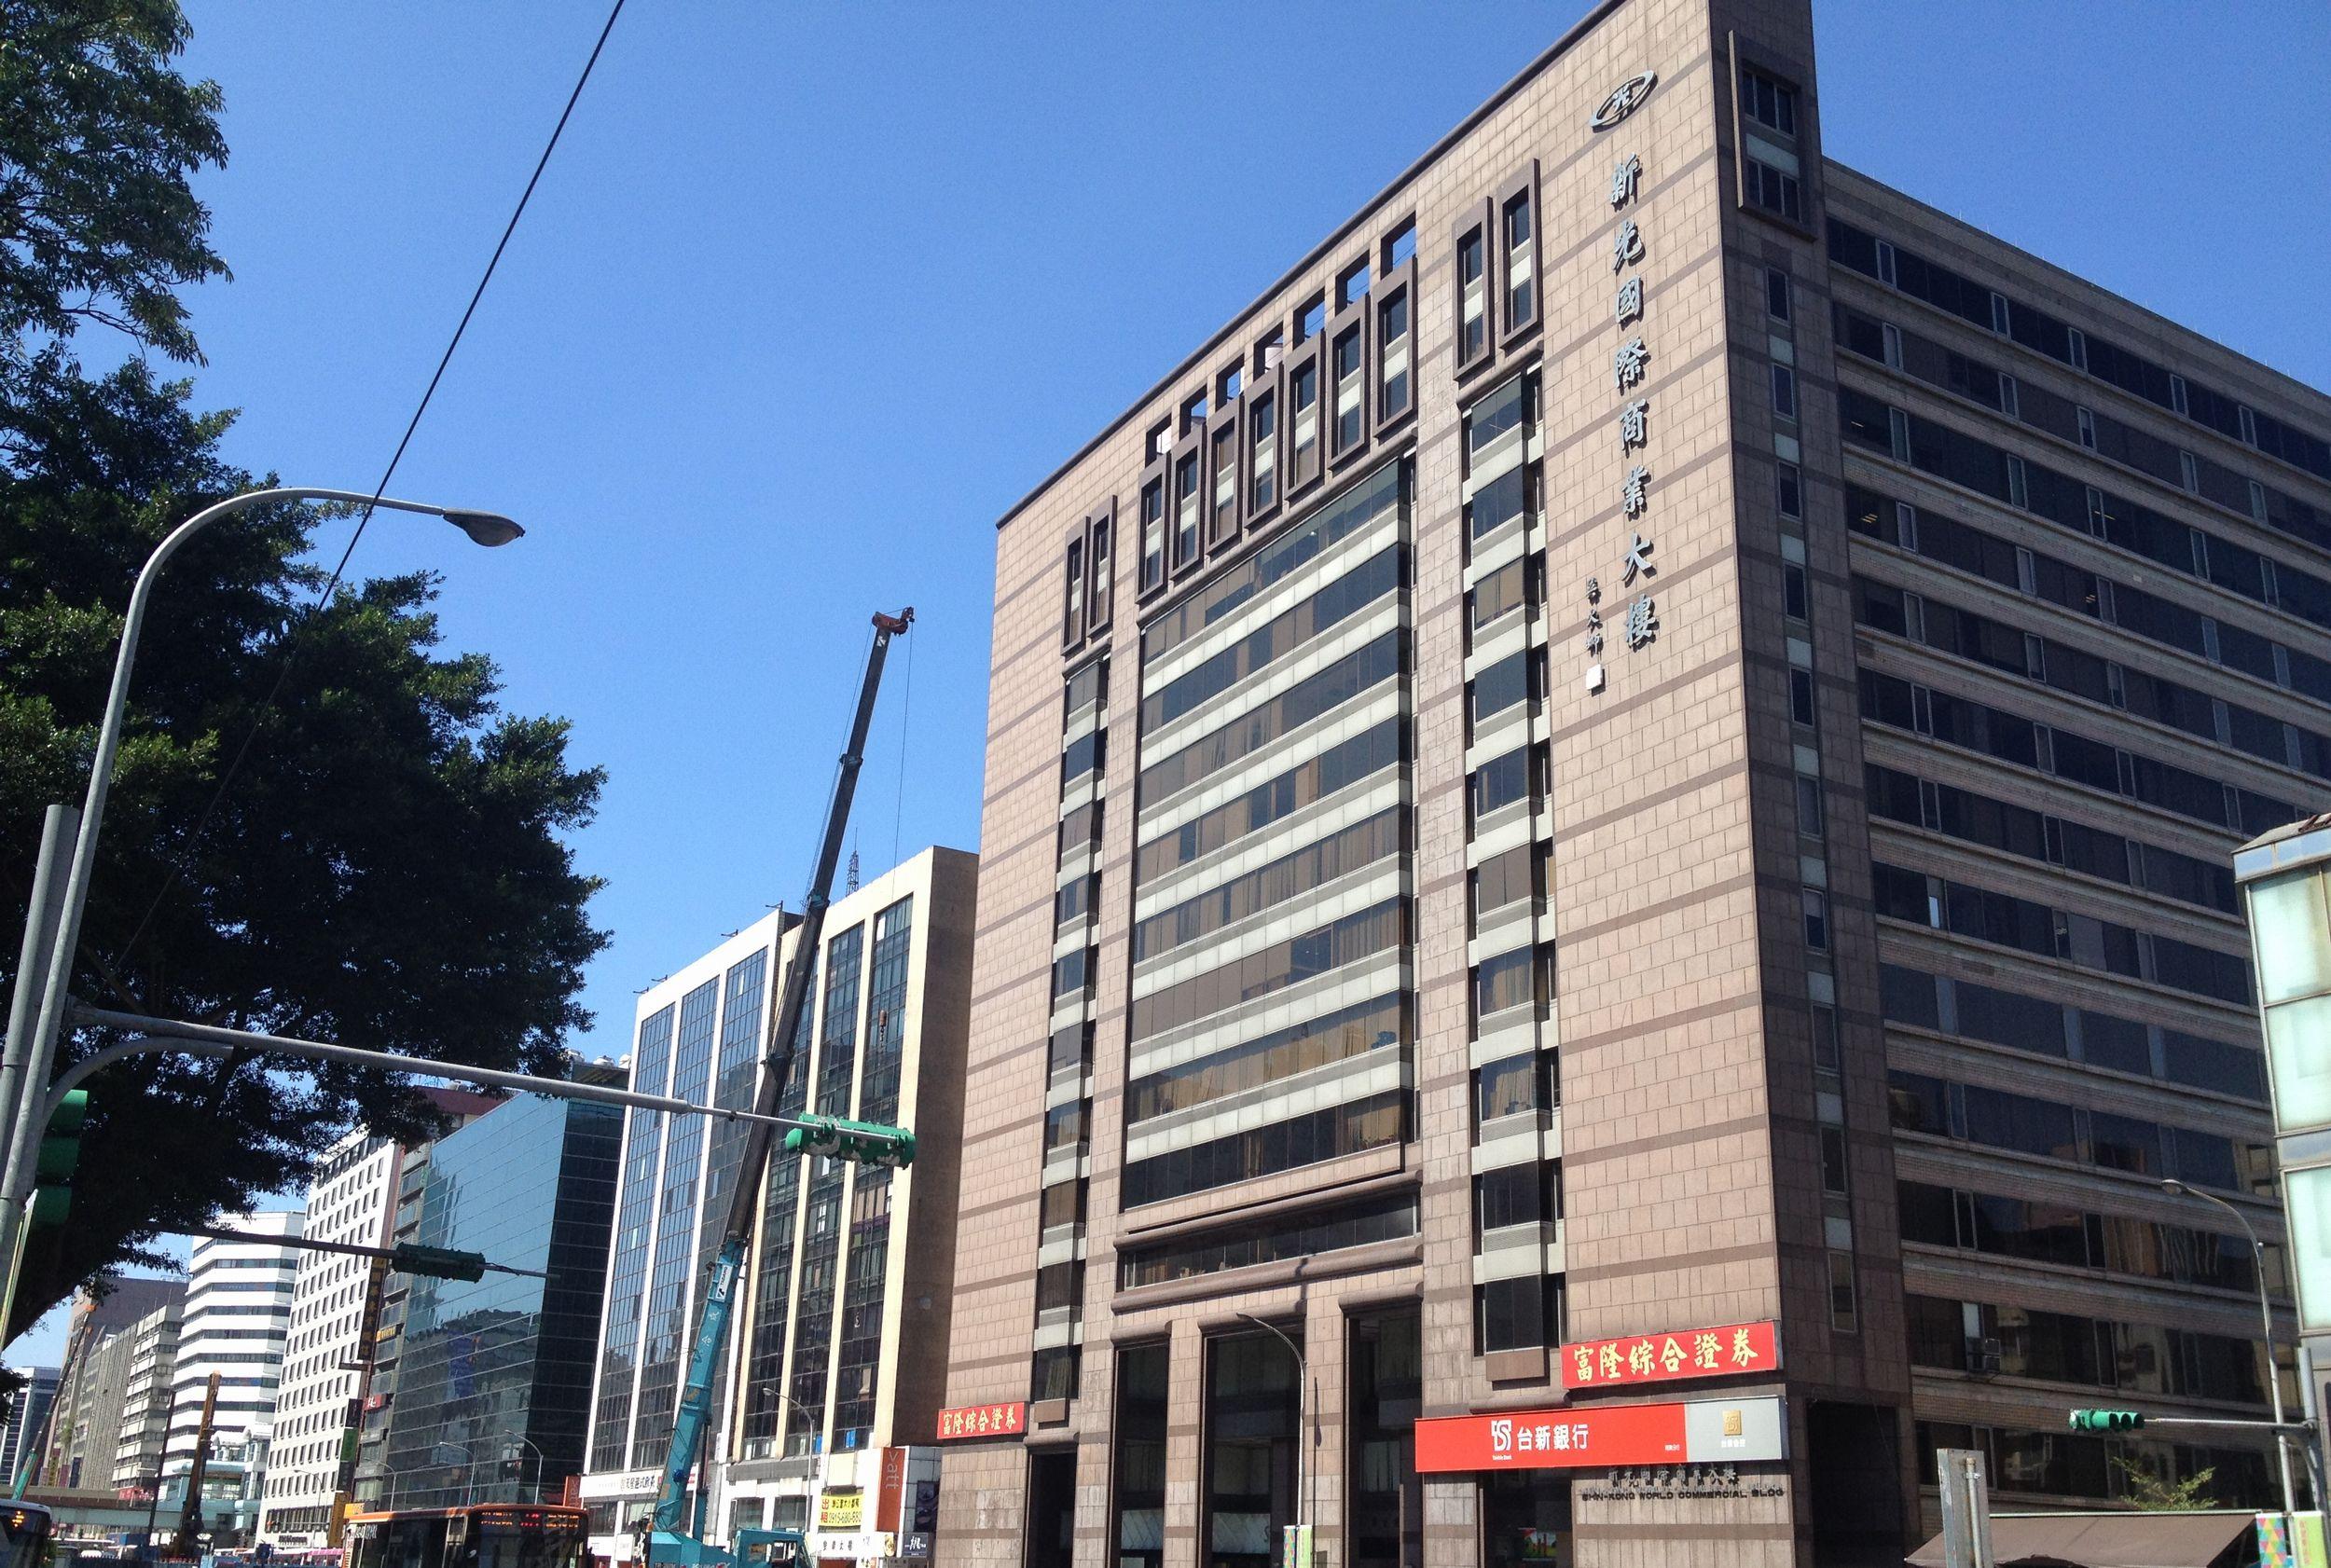 藤田観光、台北に駐在事務所開設-海外3拠点目